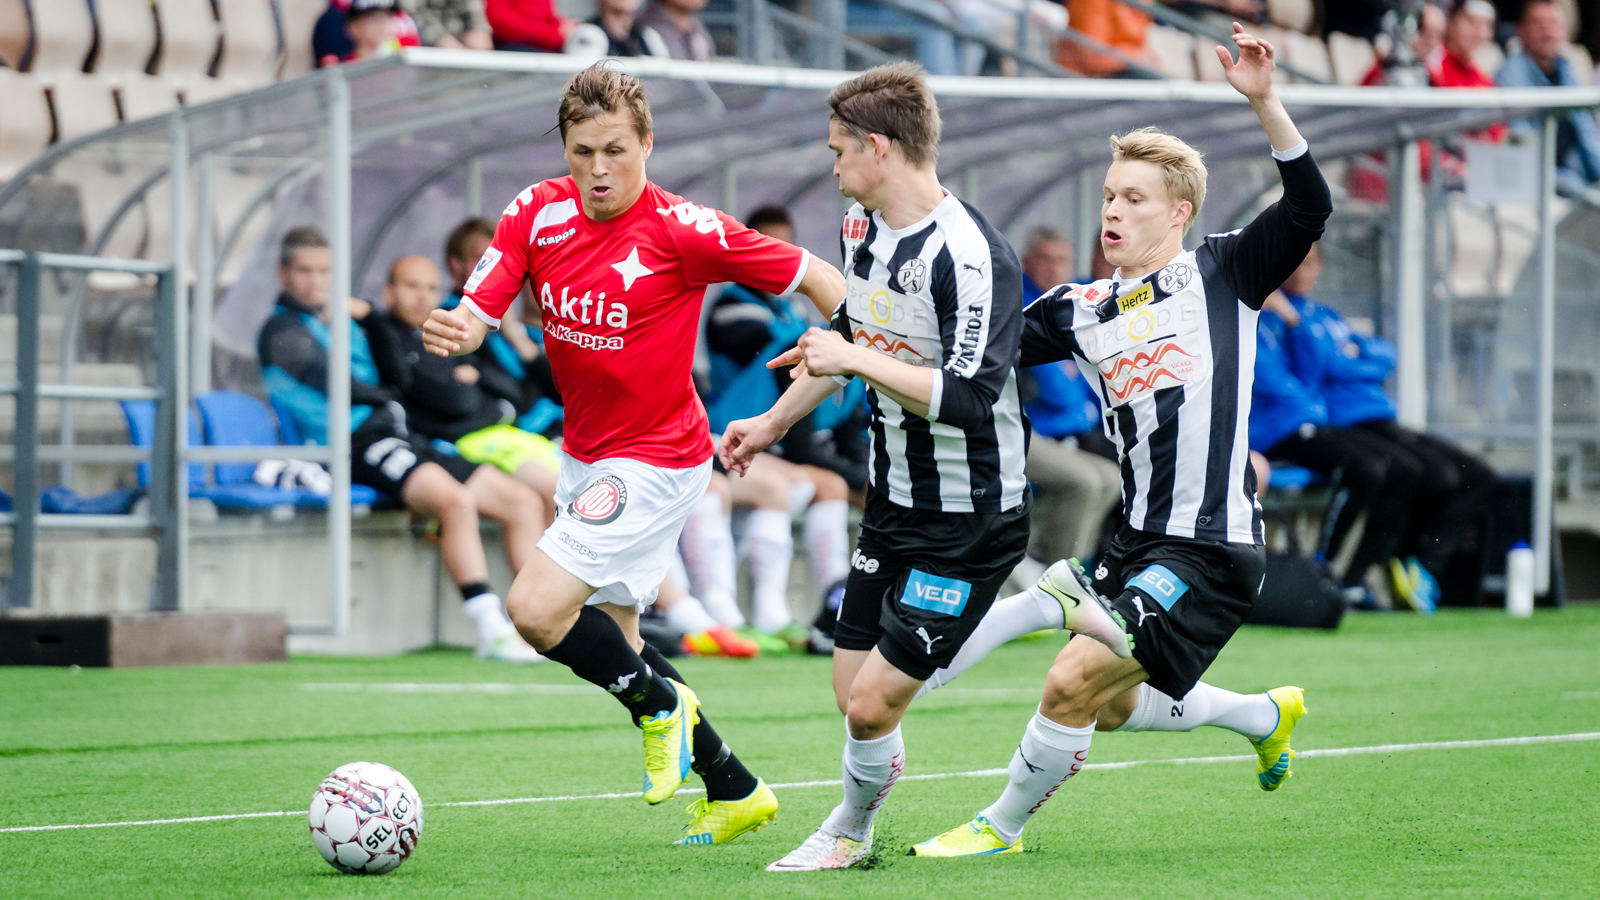 HIFK:lle jo kauden yhdeksäs maalin tappio – MeMyymmeKotisi.fi otteluraportti